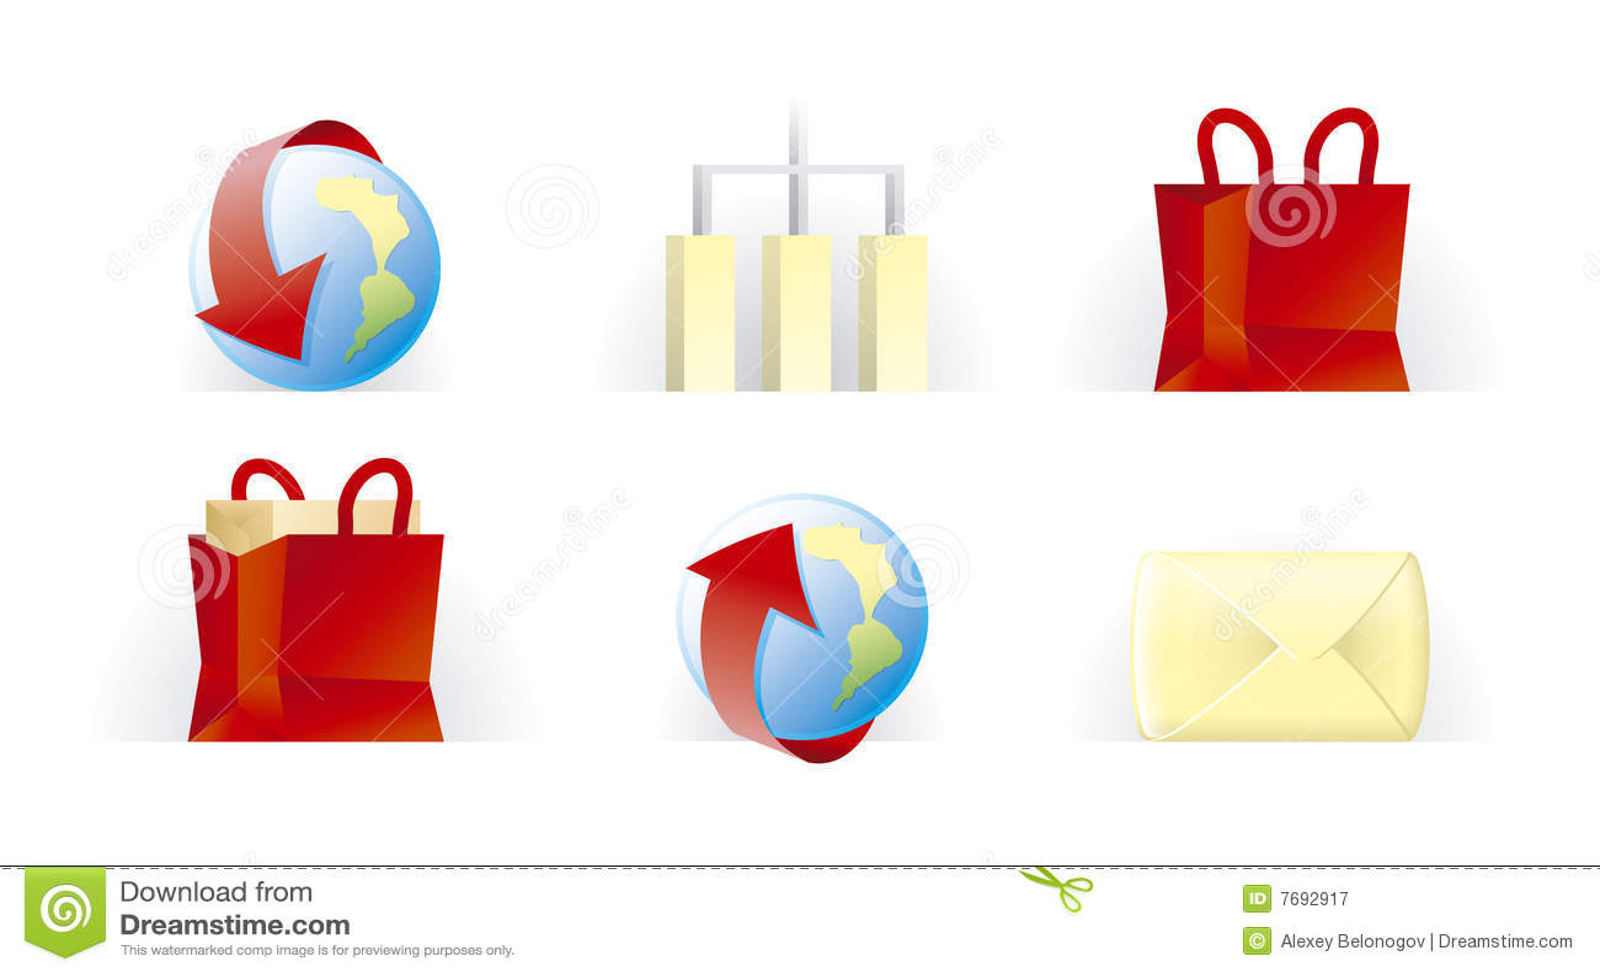 покрасьте вебсайт интернета o p t u икон